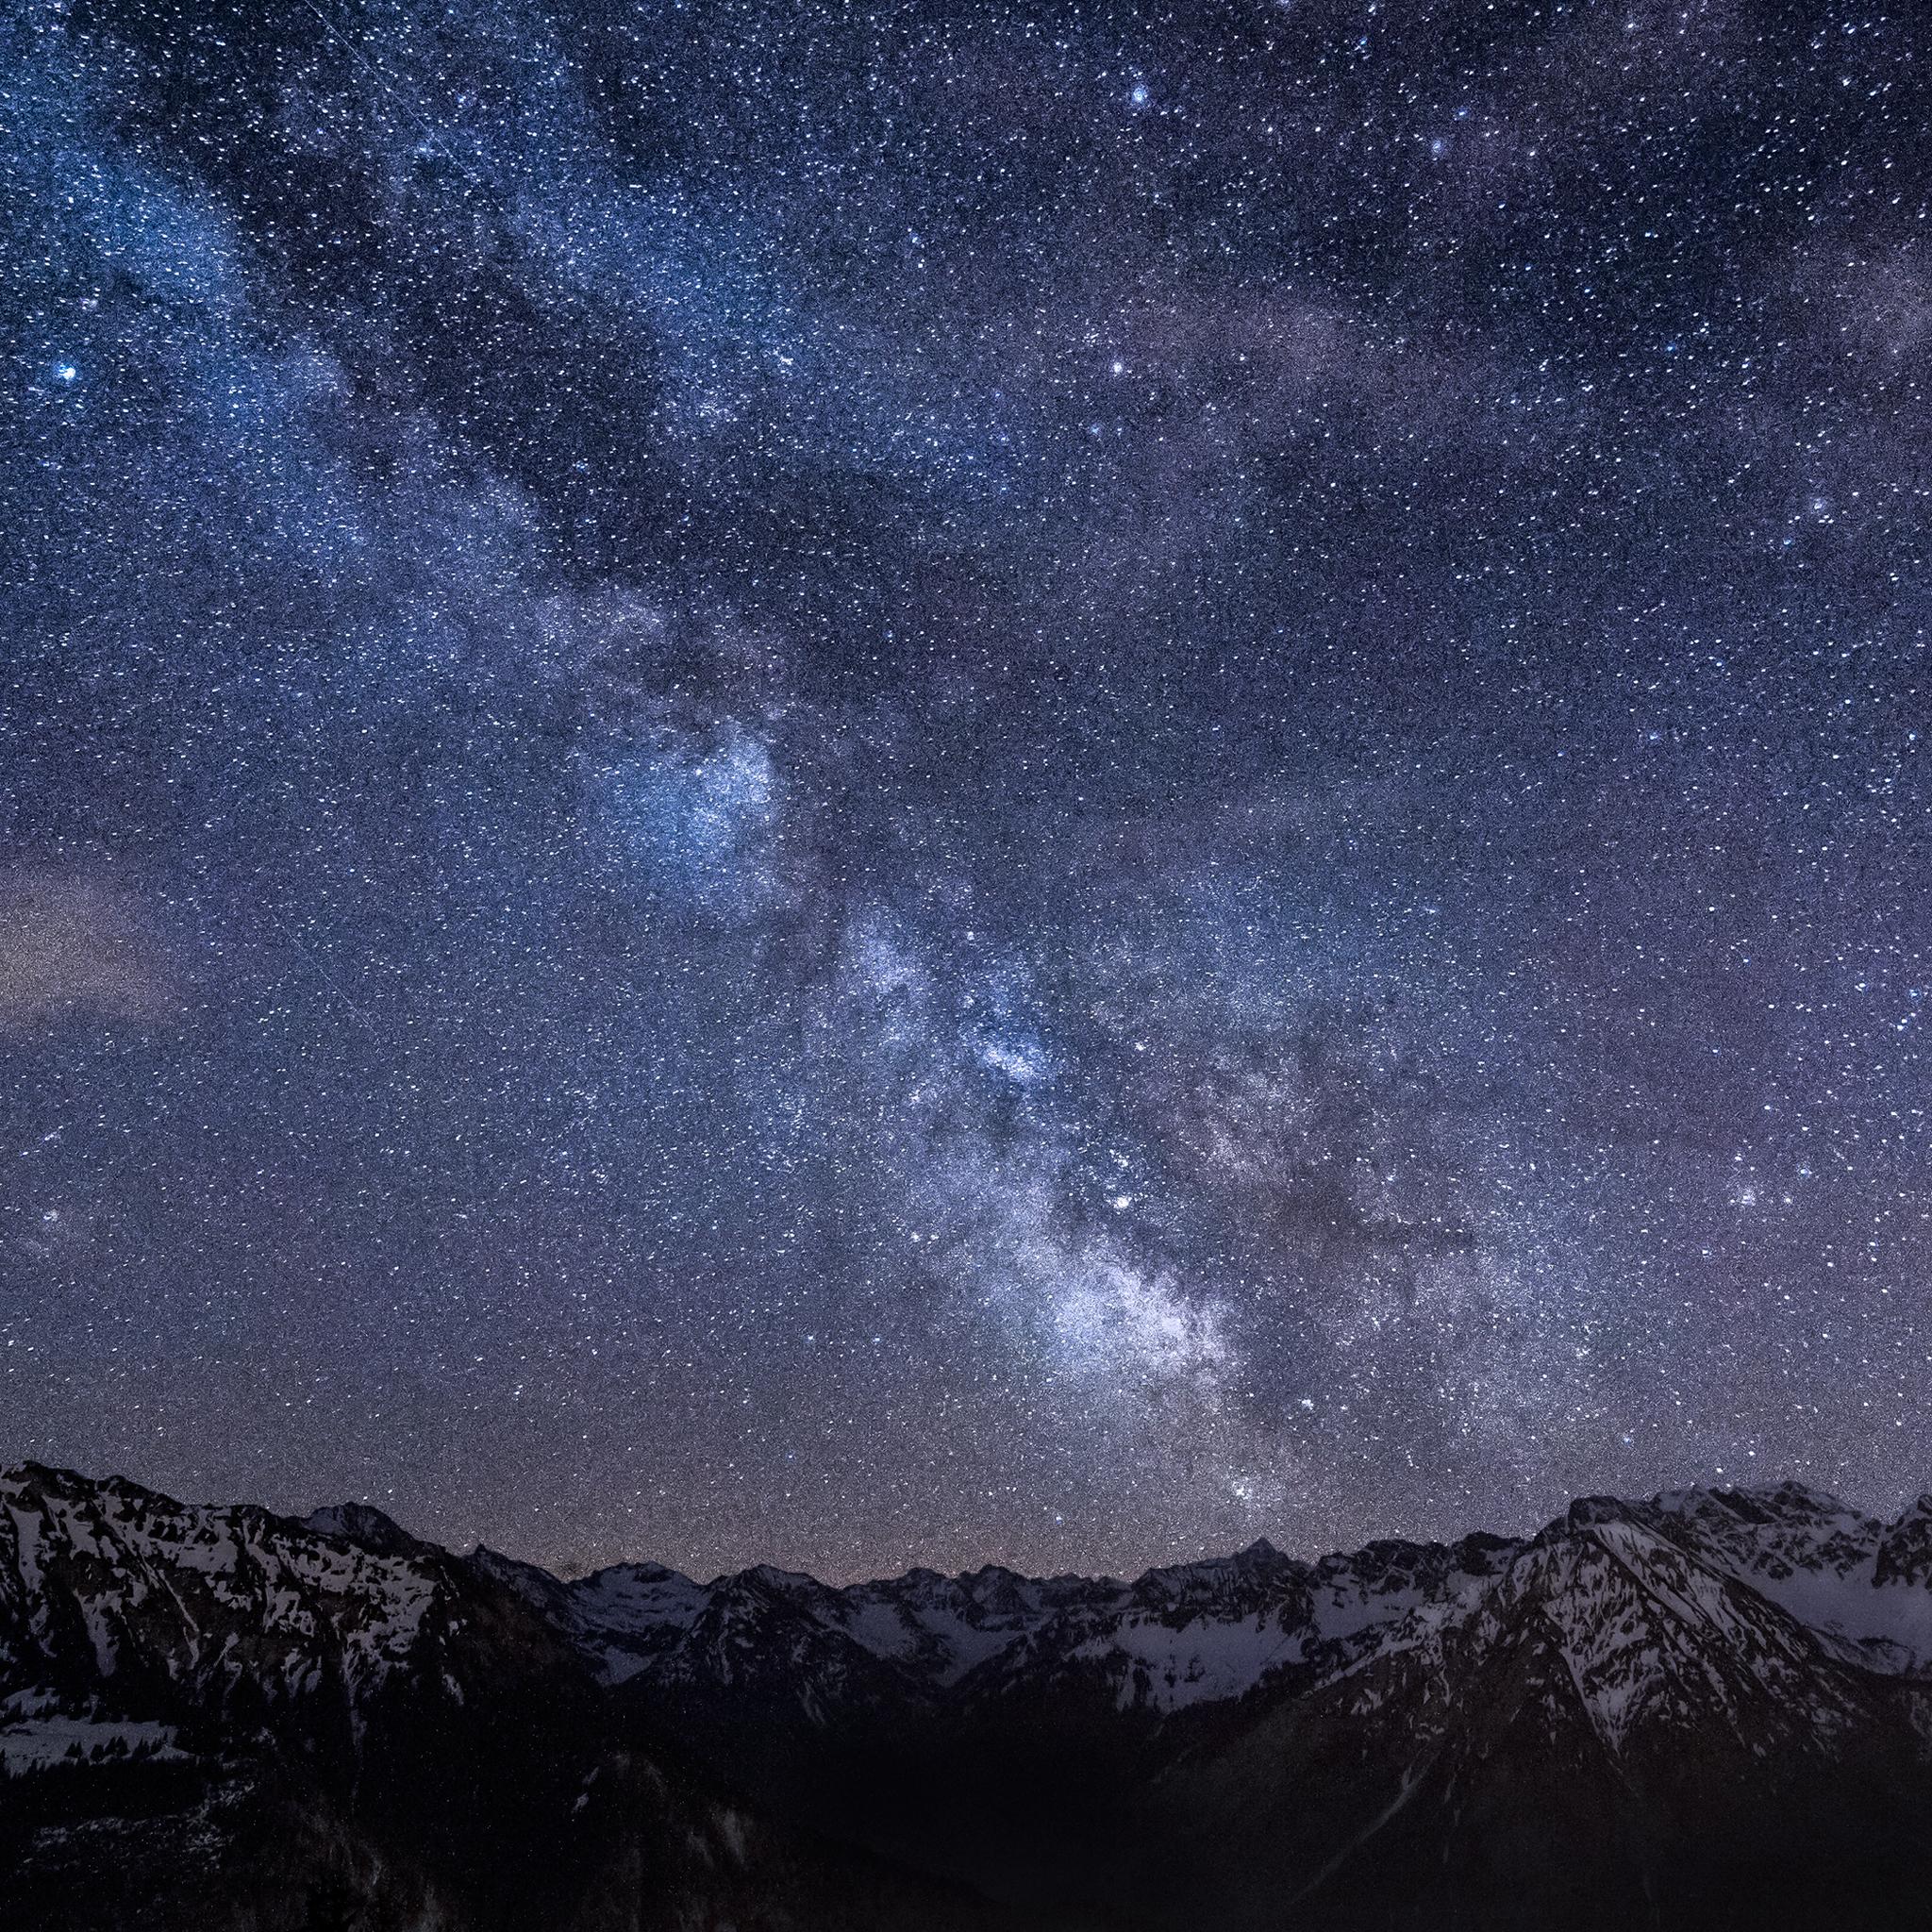 Galaxy Wallpaper 1080p: Milky Way Galaxy Wallpaper